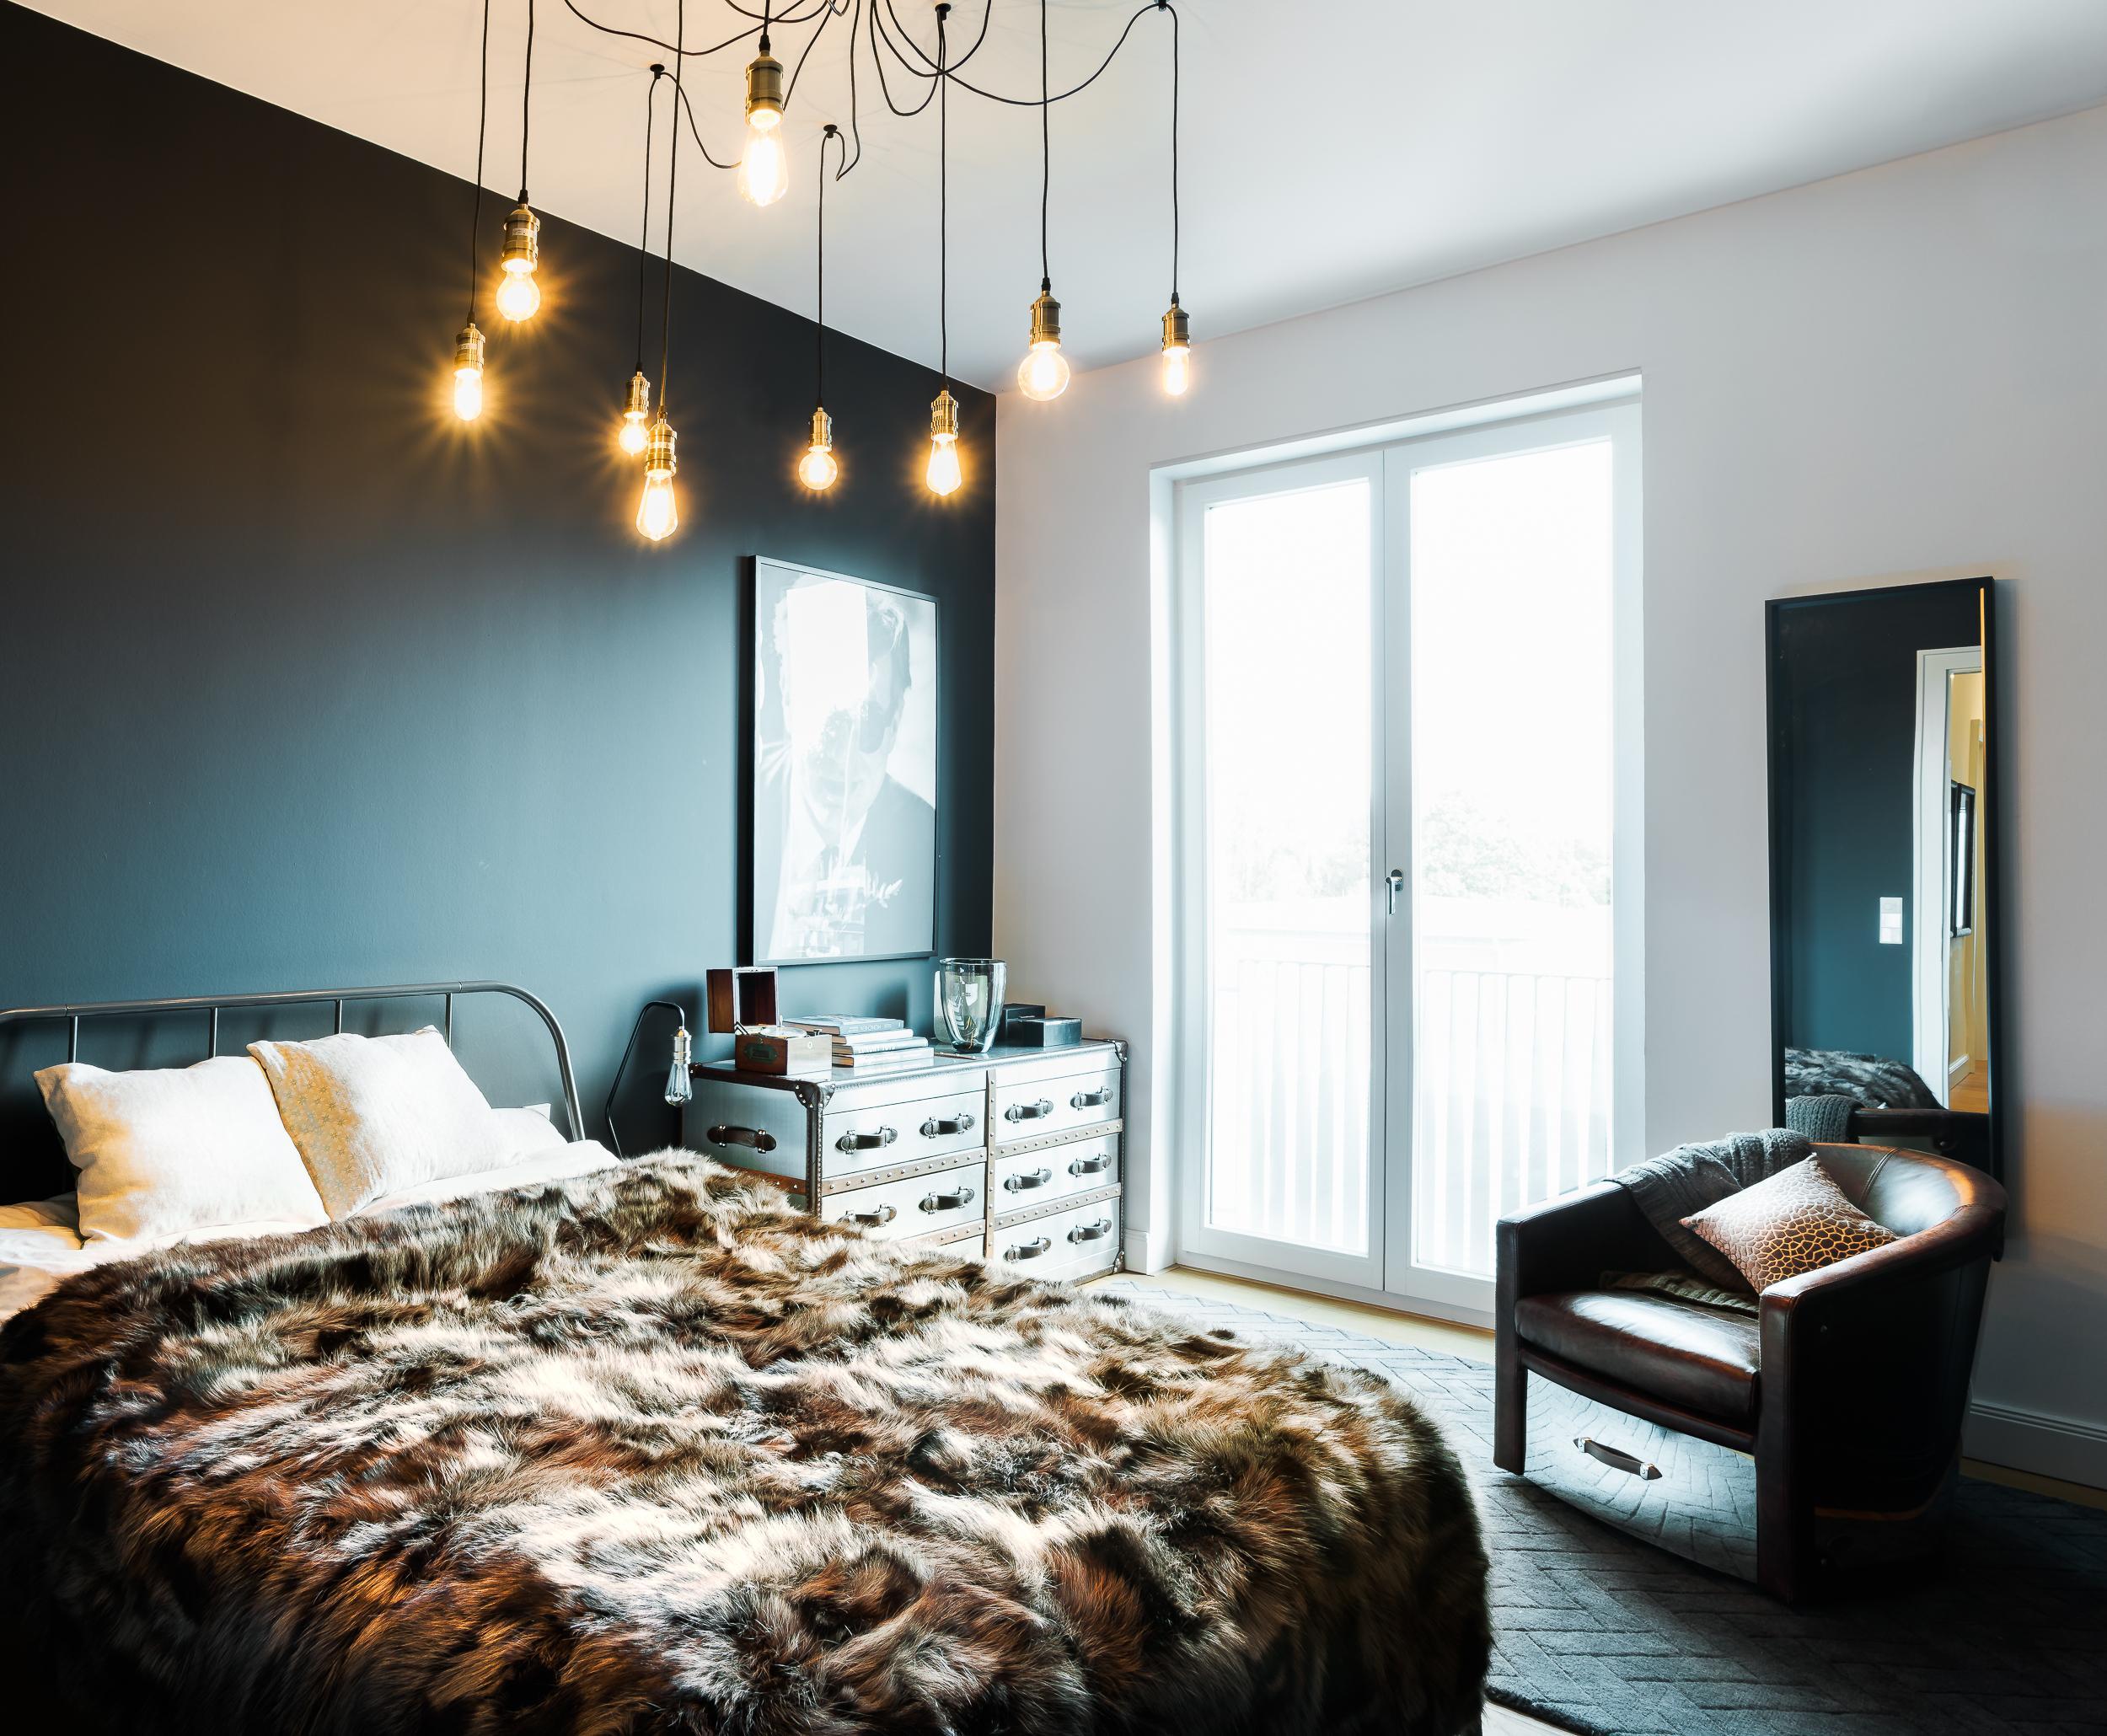 Bodentiefe fenster bilder ideen couchstyle for Kleines ba ro einrichten ideen